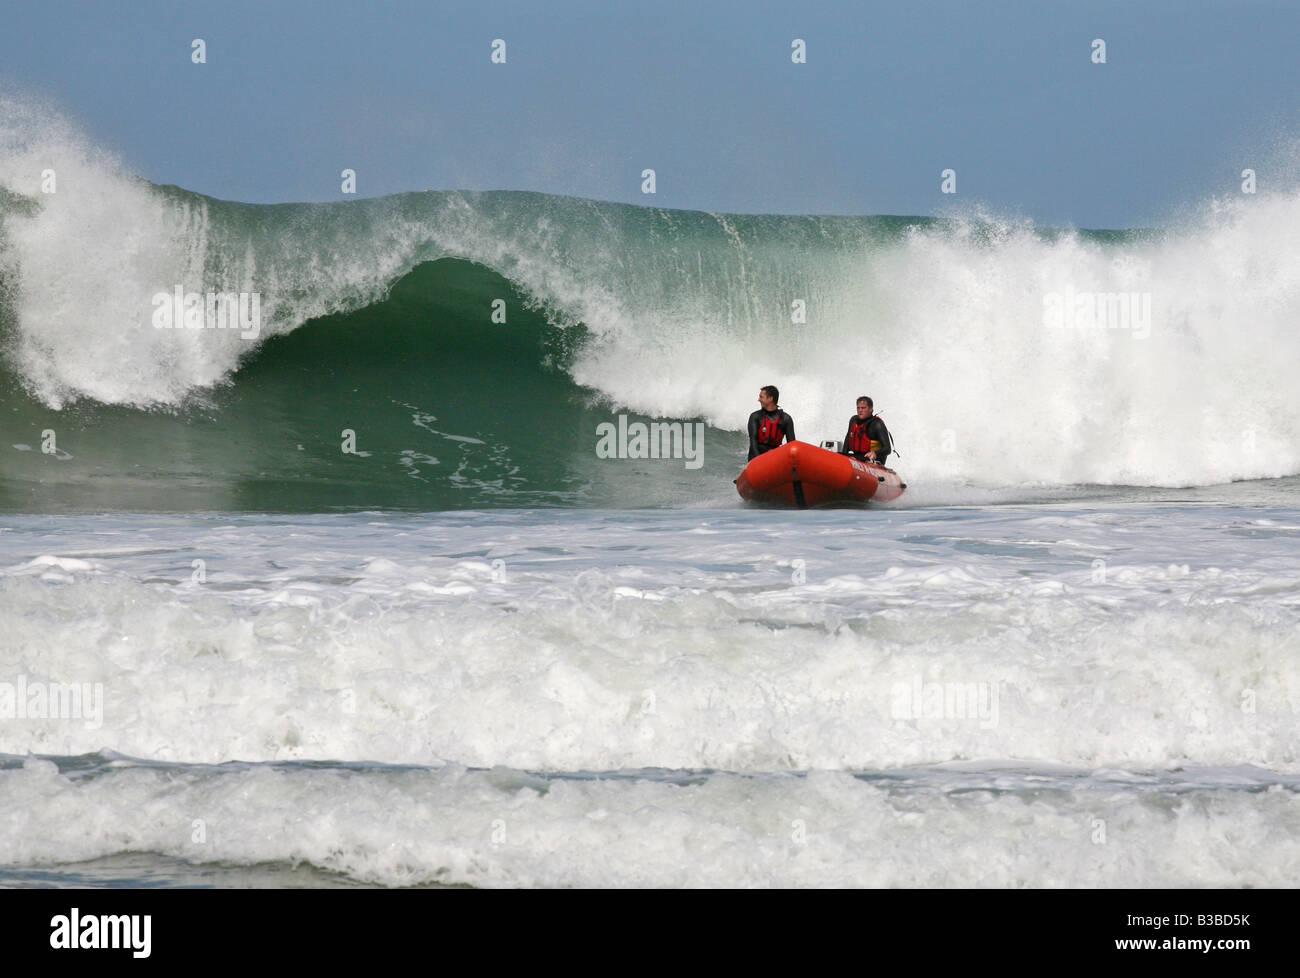 RNLI salvavidas en un bote de rescate en el mar embravecido off Santa Inés, Cornualles, en el REINO UNIDO Foto de stock